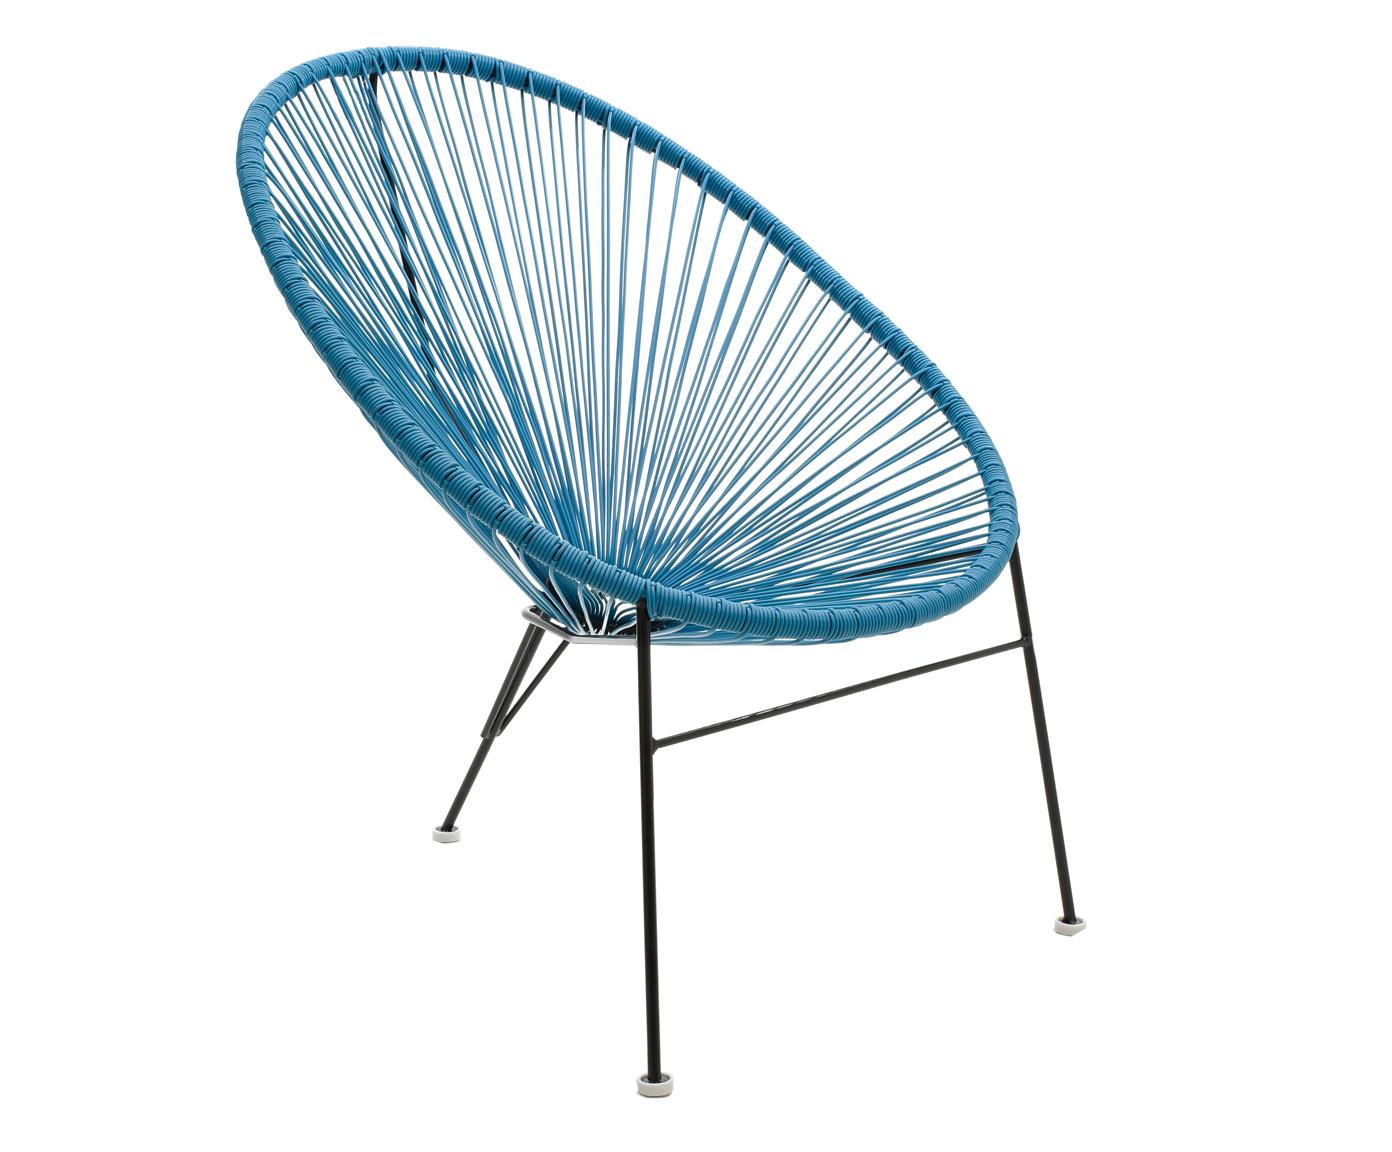 Кресло AmphionПолукресла<br><br><br>Material: Пластик